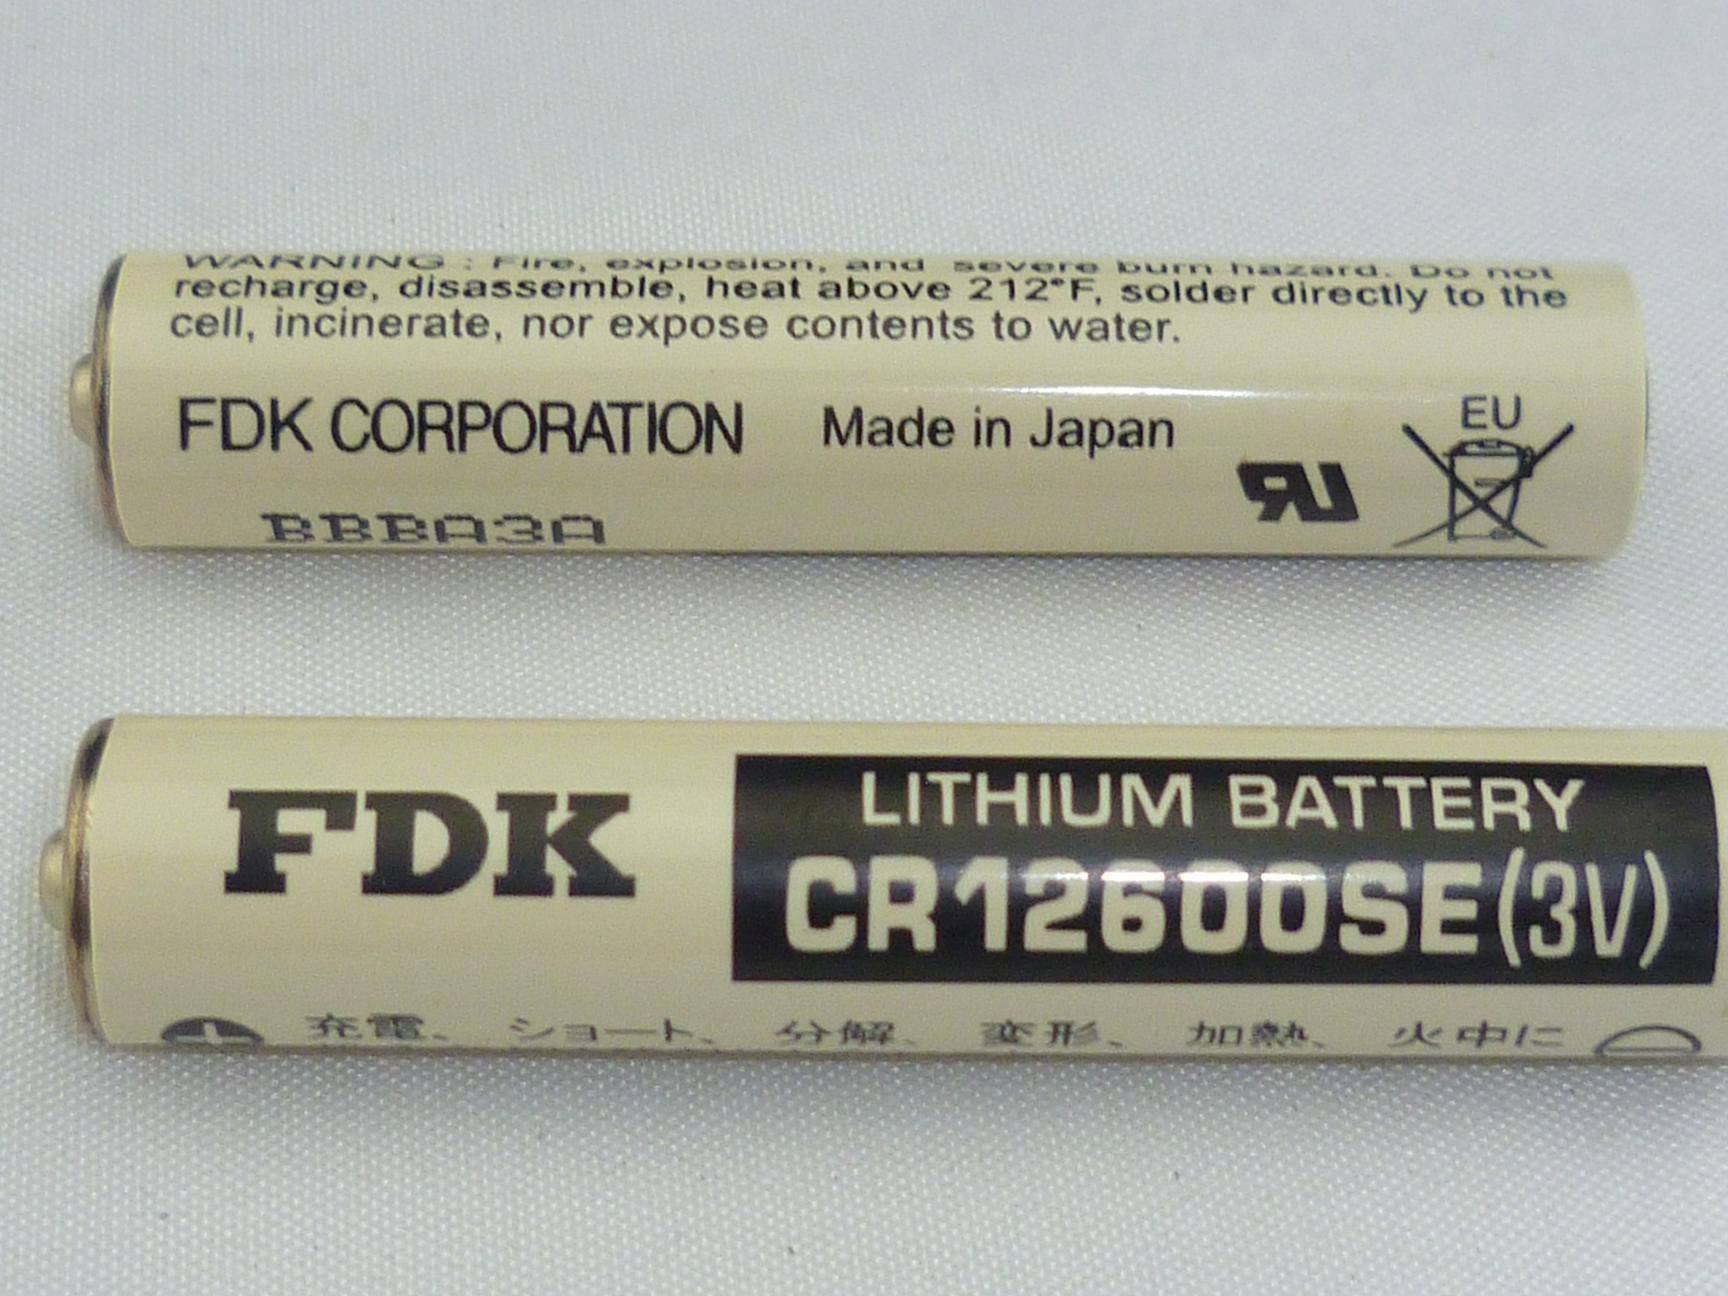 Lithium Battery FDK CR12600SE(3V)